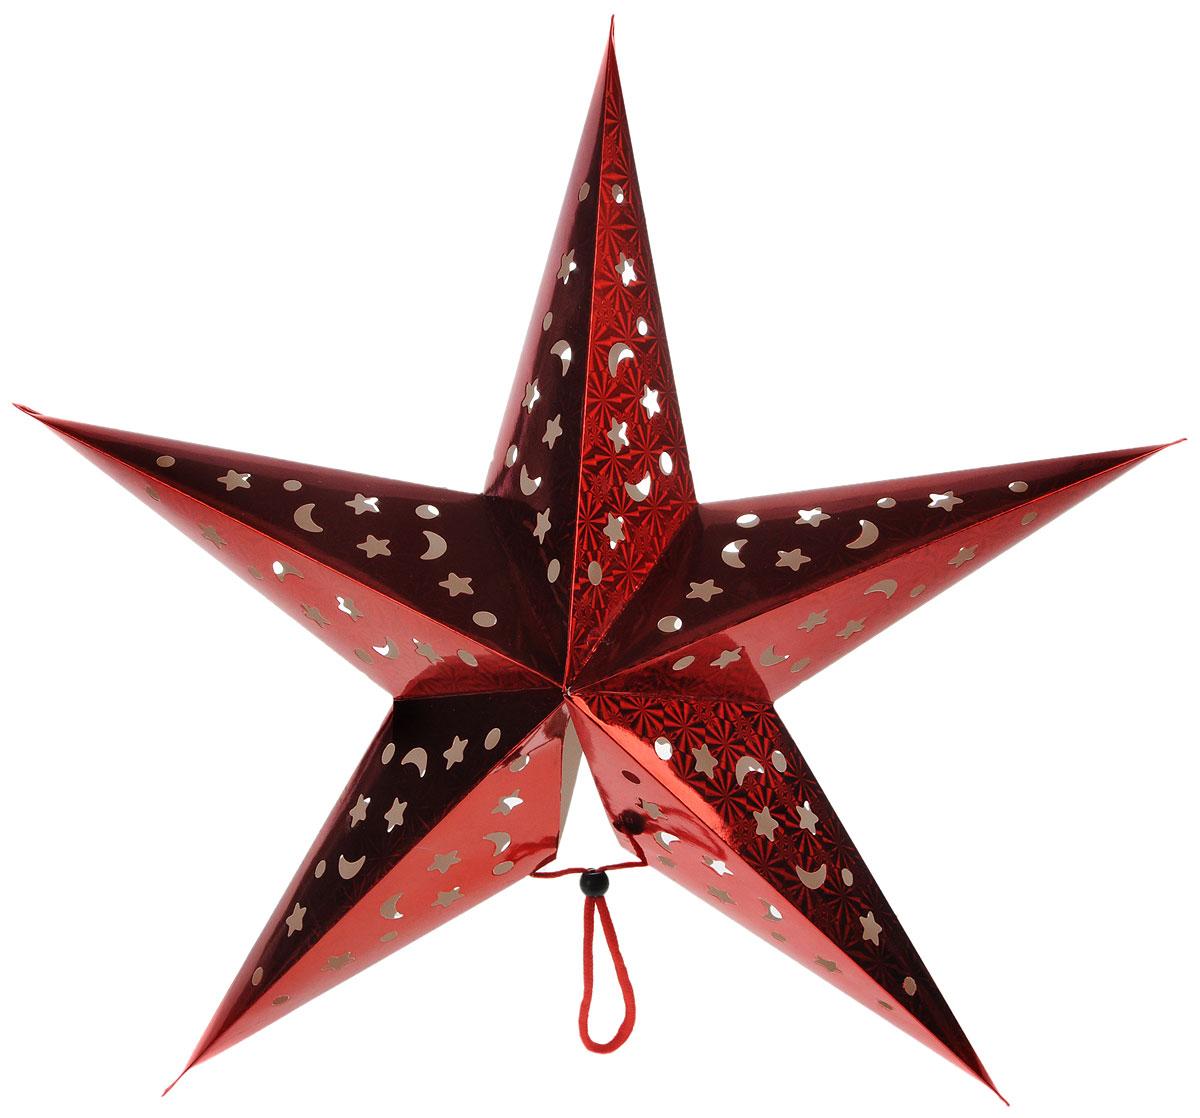 Украшение новогоднее House & Holder Звезда, со светодиодной подсветкой, 60 х 55 х 16 смDP-C38-14099Новогоднее украшение House & Holder Звезда выполнено из картона и оснащено светодиодной подсветкой, работающей от двух батареек типа АА. Изделие можно подвесить в любом понравившемся вам месте. Такое украшение поможет украсить дом или офис к предстоящим праздникам.Новогодние украшения всегда несут в себе волшебство и красоту праздника. Создайте в своем доме атмосферу тепла, веселья и радости, украшая его всей семьей. Размеры звезды: 60 х 55 х 16 см. длина подсветки: 130 см.